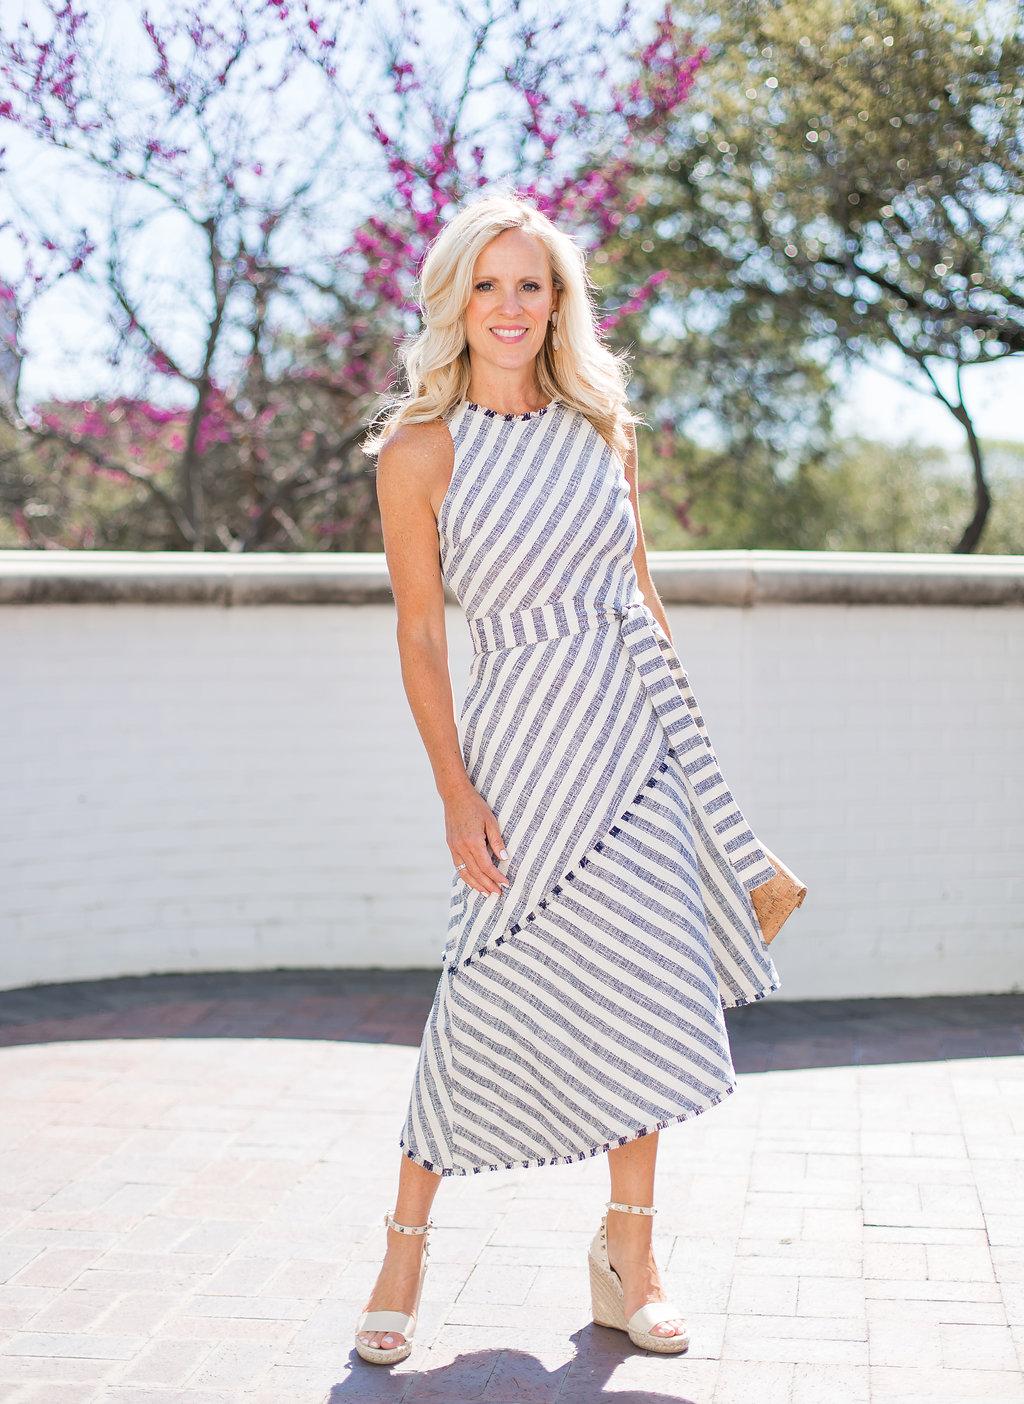 Tweed Striped Dress + New Arrivals